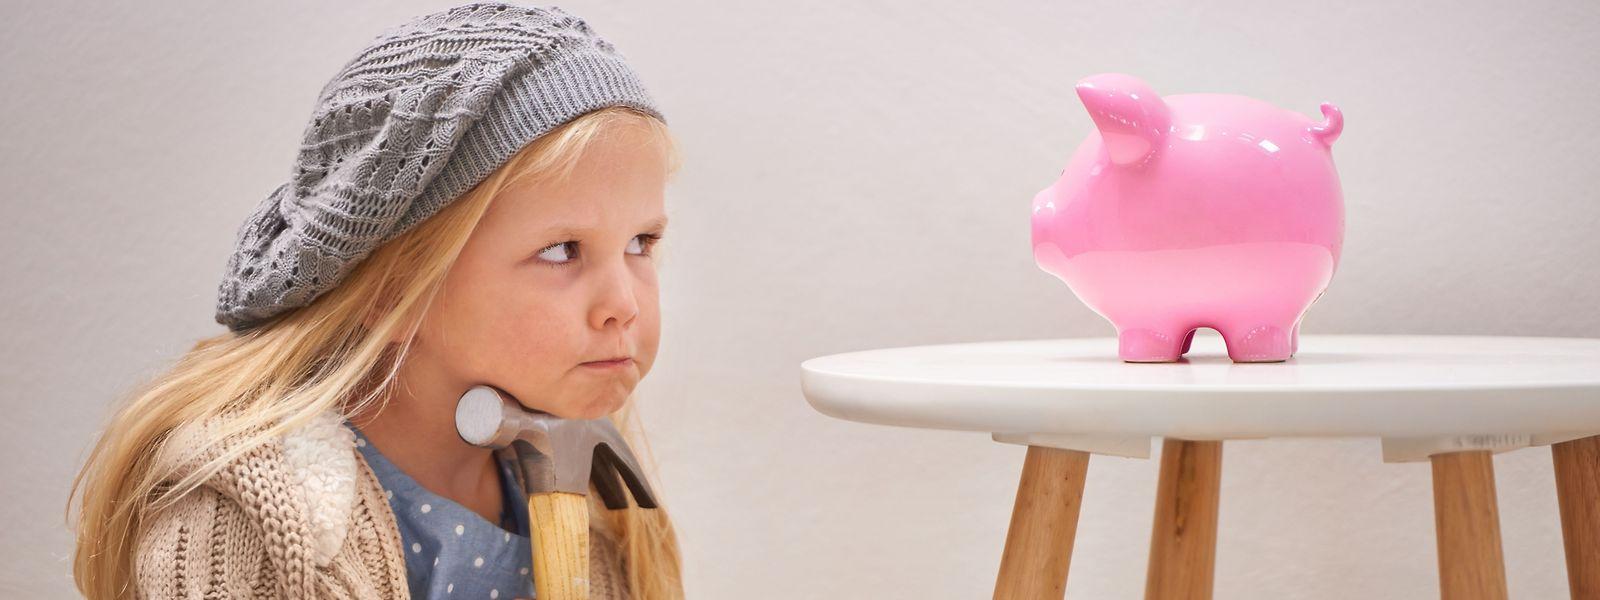 Kinder müssen lernen, sich ihr Geld einzuteilen, zu haushalten und zu sparen.